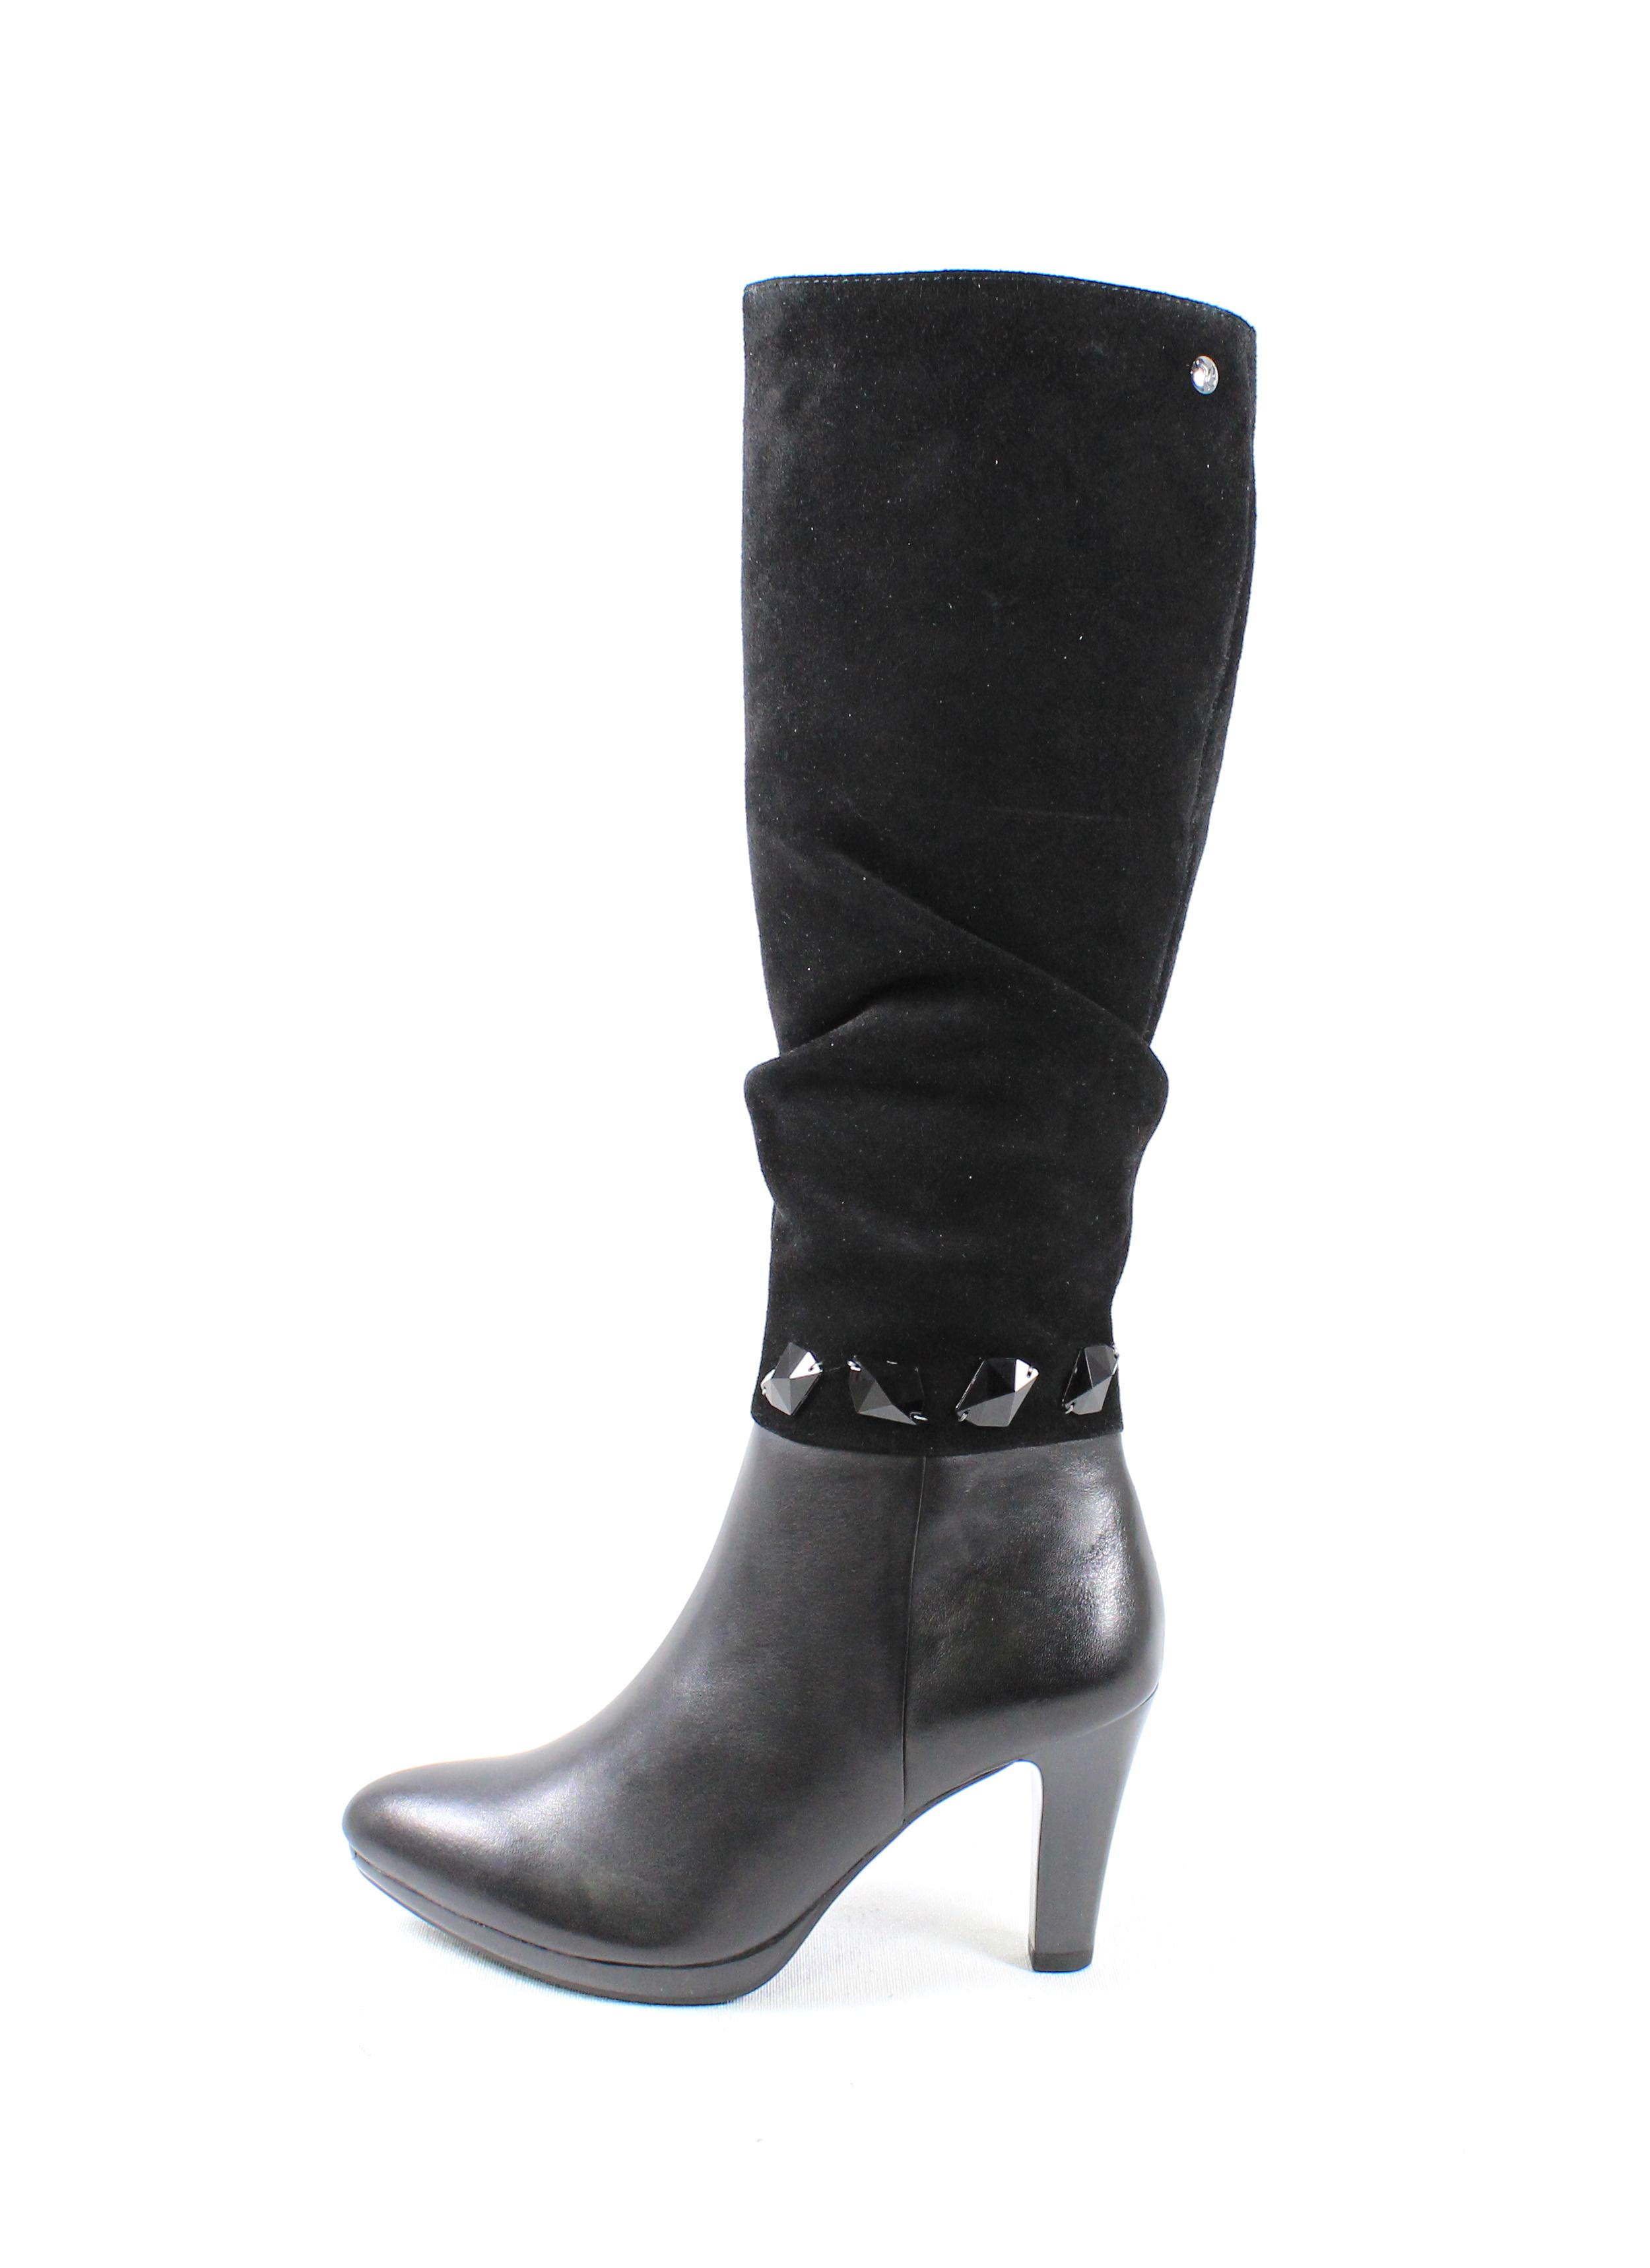 5d873d5619b4 Dámske čižmy CAPRICE 9-25534-21 BLACK COMB – Topánky Olympia shoes